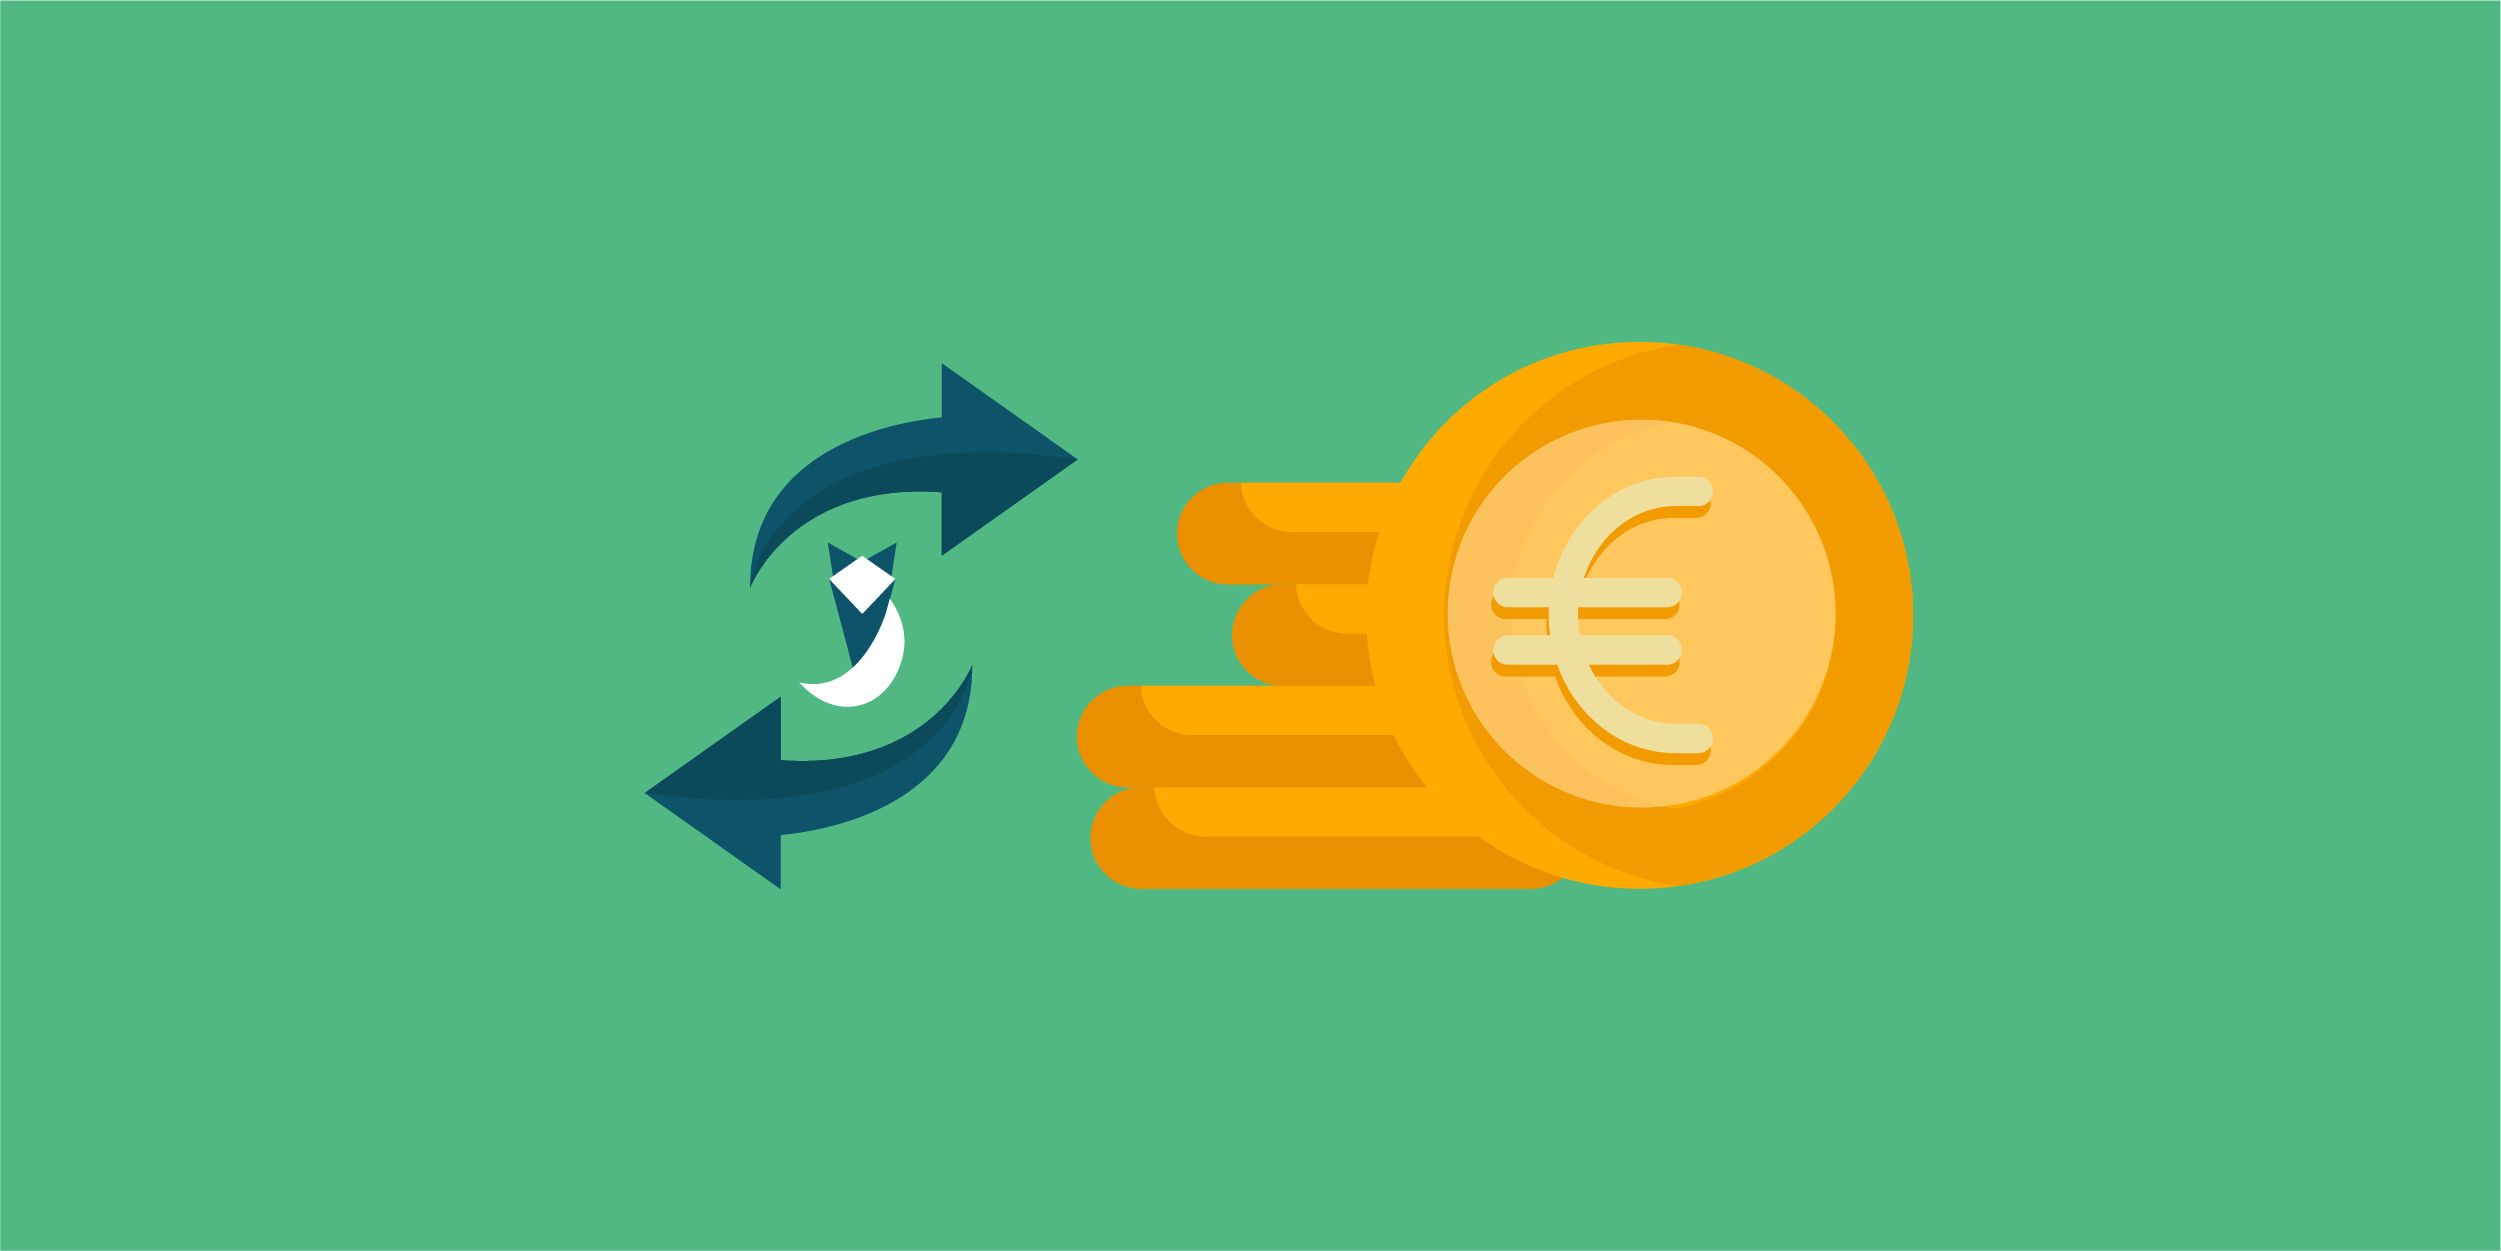 سعر اليورو في البنوك المصرية اليوم: 21يونيو 2021